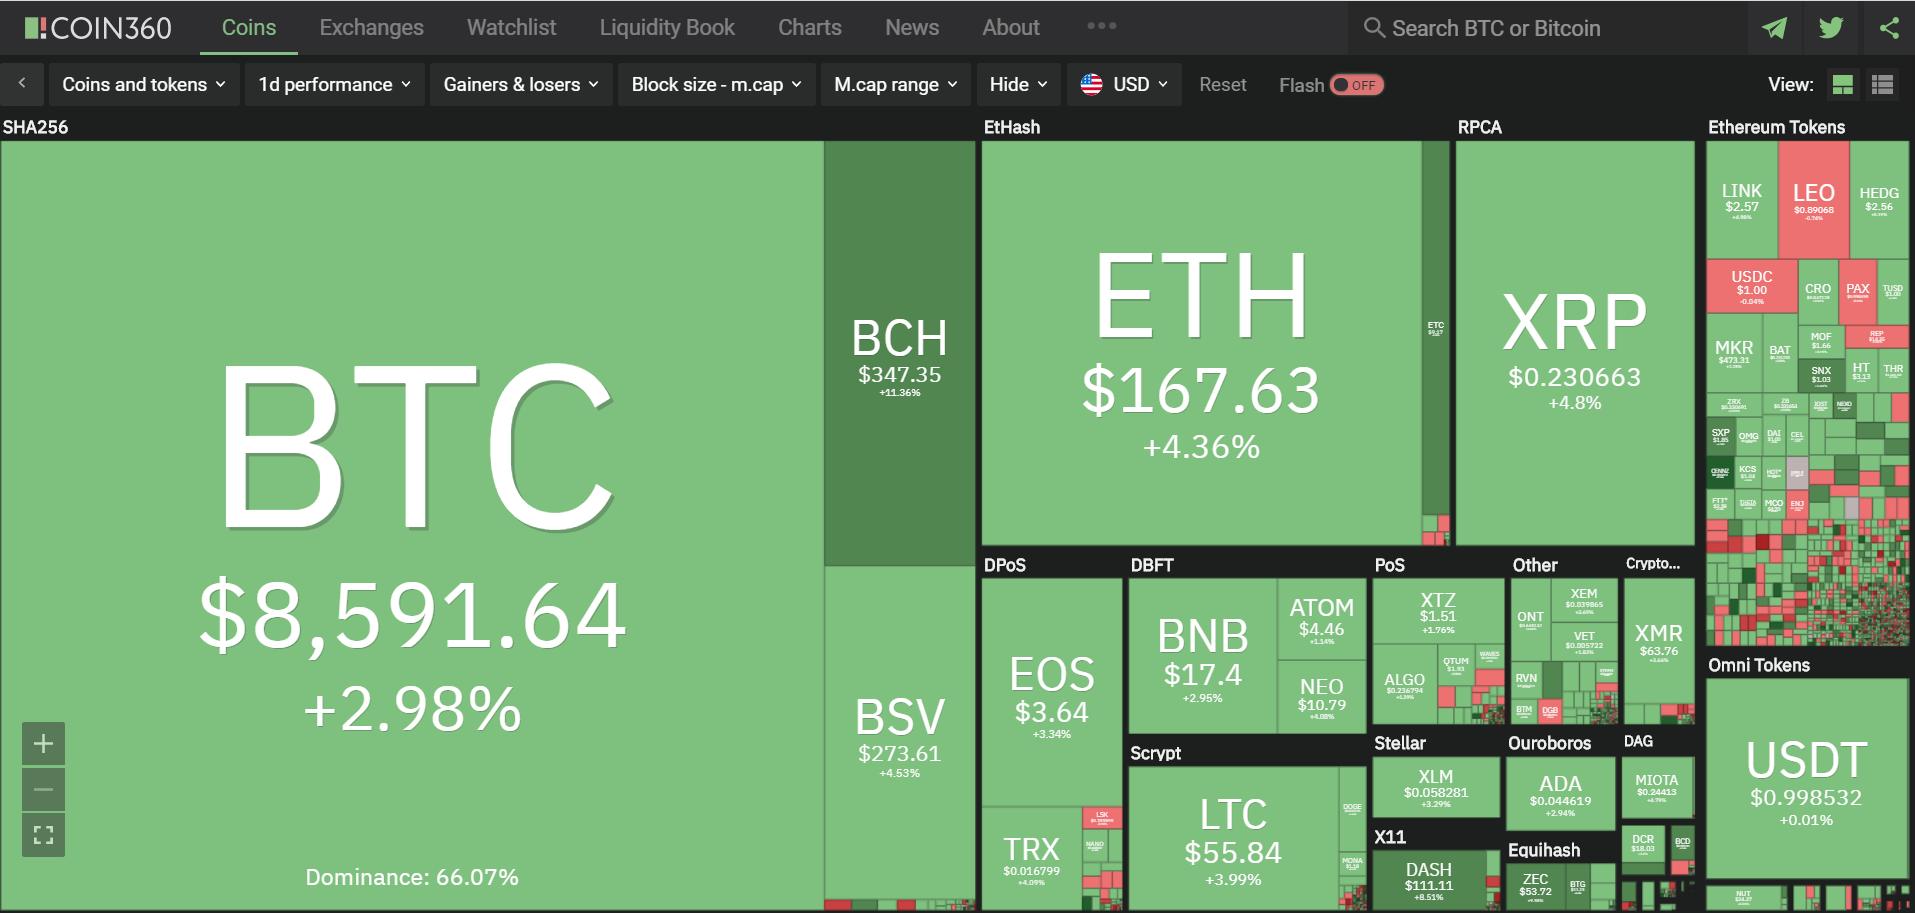 Toàn cảnh thị trường tiền kĩ thuật số hôm nay (27/1) (Nguồn: Coin360.com)